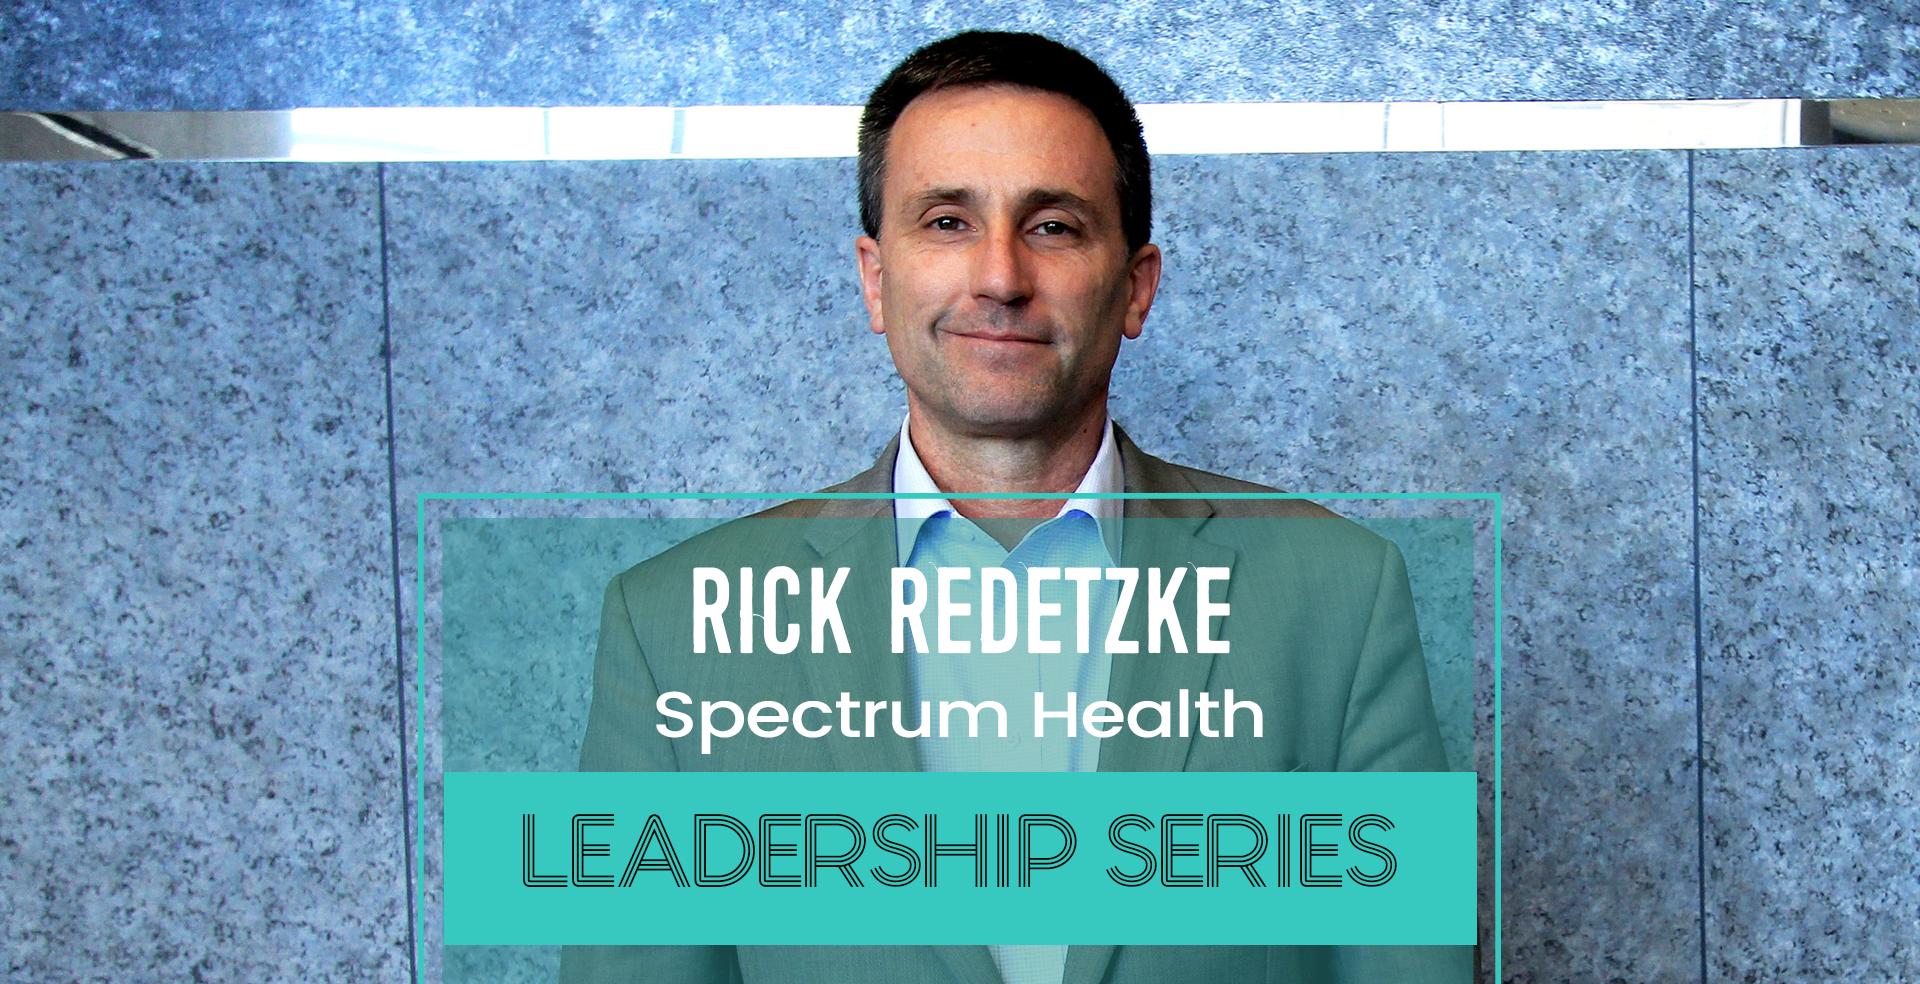 Rick-Redetzke-HealthSpaces